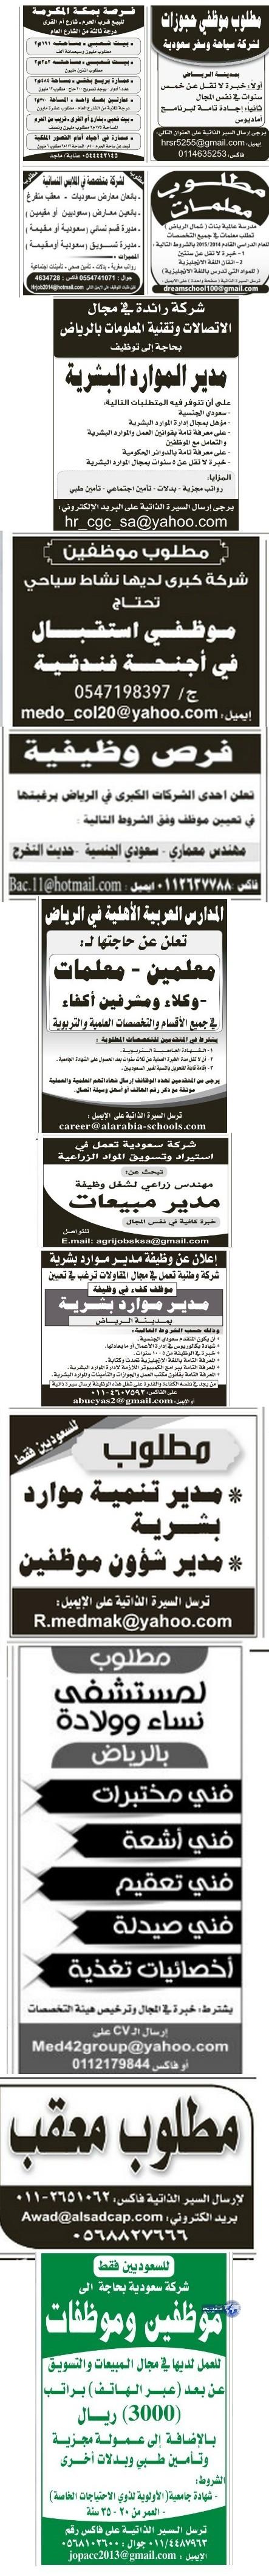 وظائف شركات اليوم الاربعاء 2-6-1435 ، وظائف شركات ليوم الاربعاء 2-4-2014